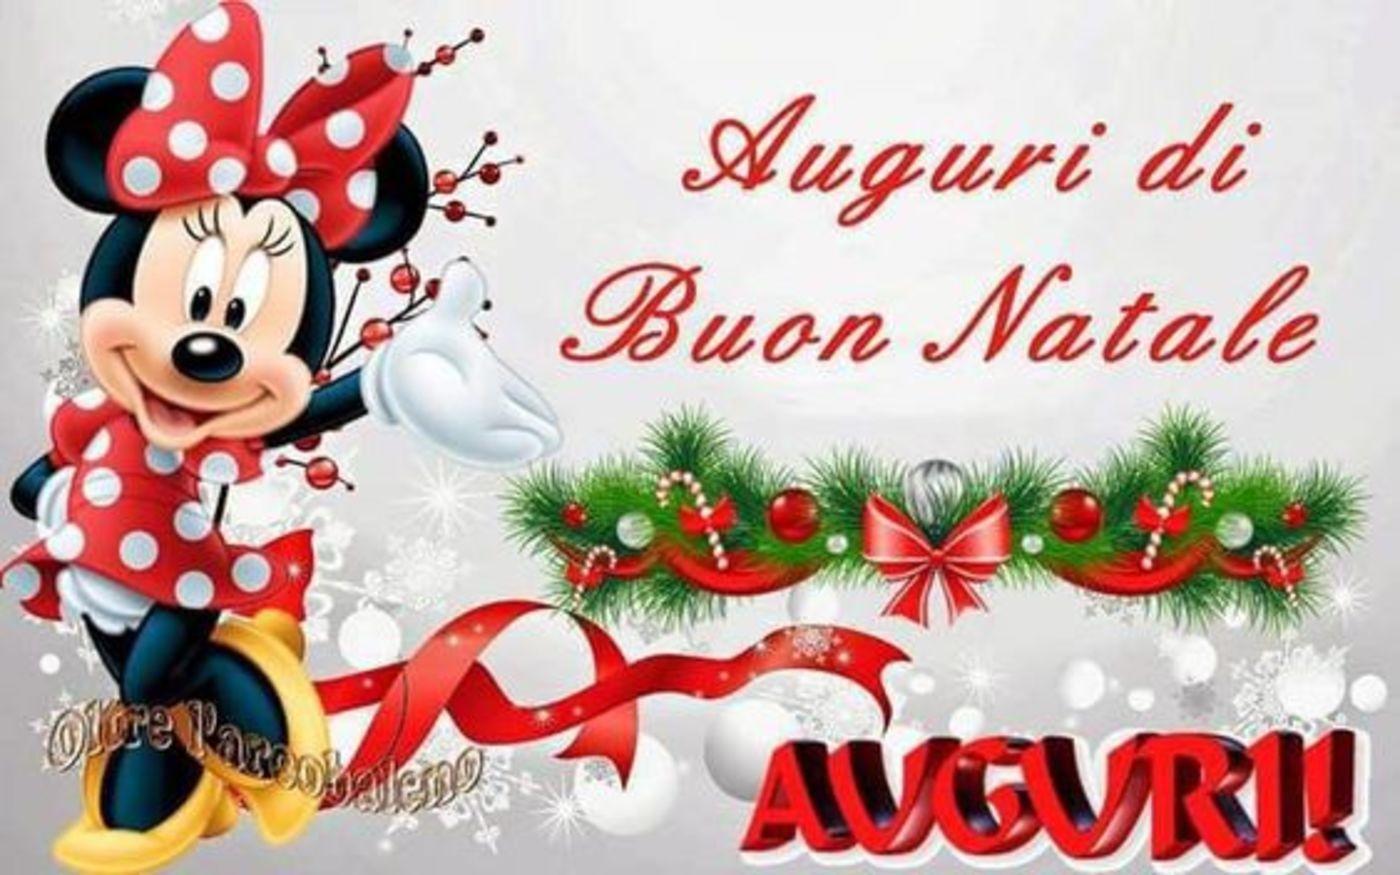 Auguri Di Natale Disney.Auguri Di Buon Natale 2802 Auguri Di Buon Natale Natale Buon